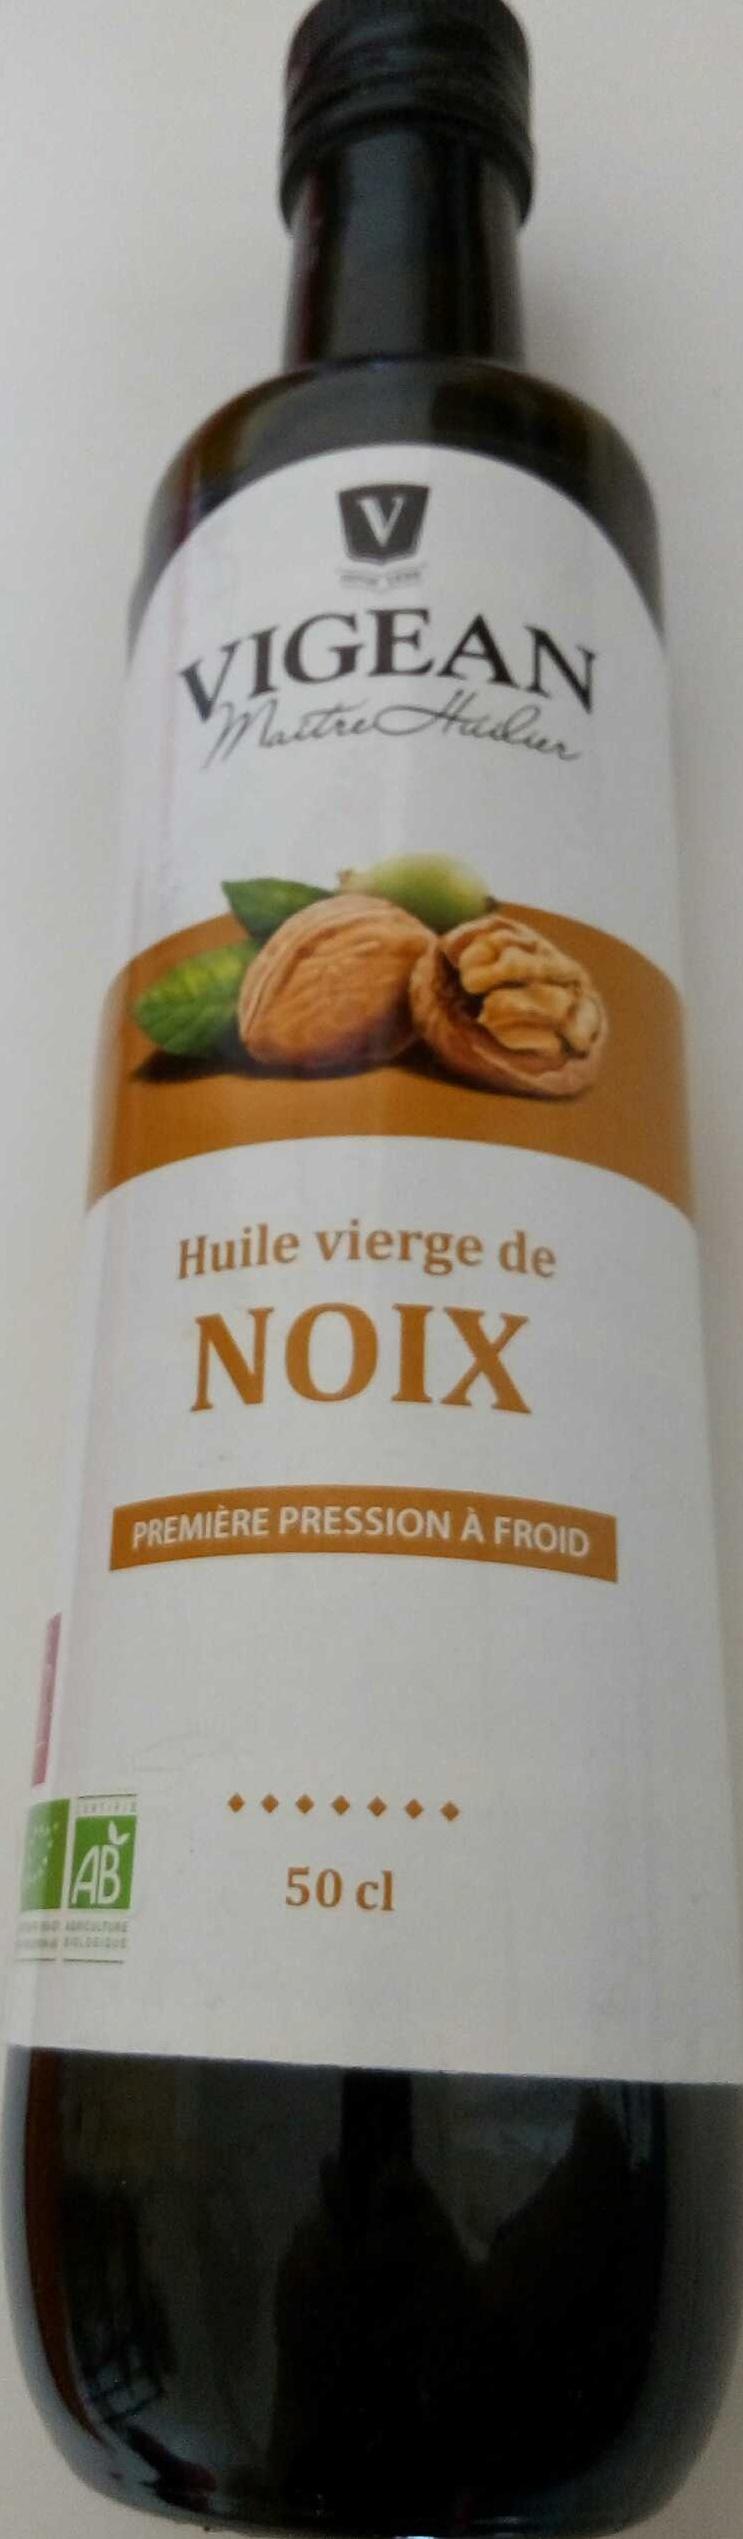 Huile vierge de noix - Produit